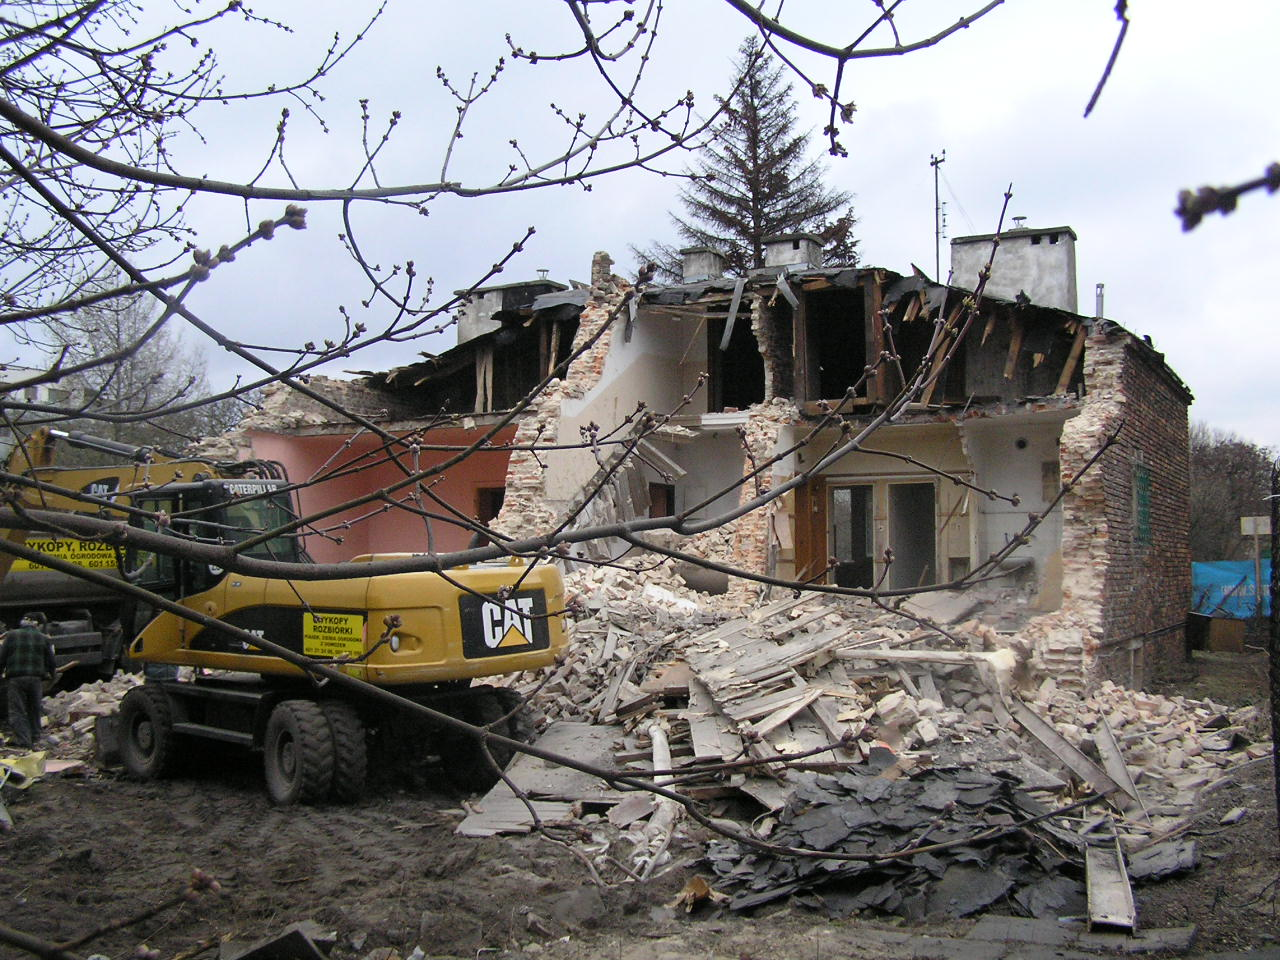 Grochowskie pożegnania - Krypska 13